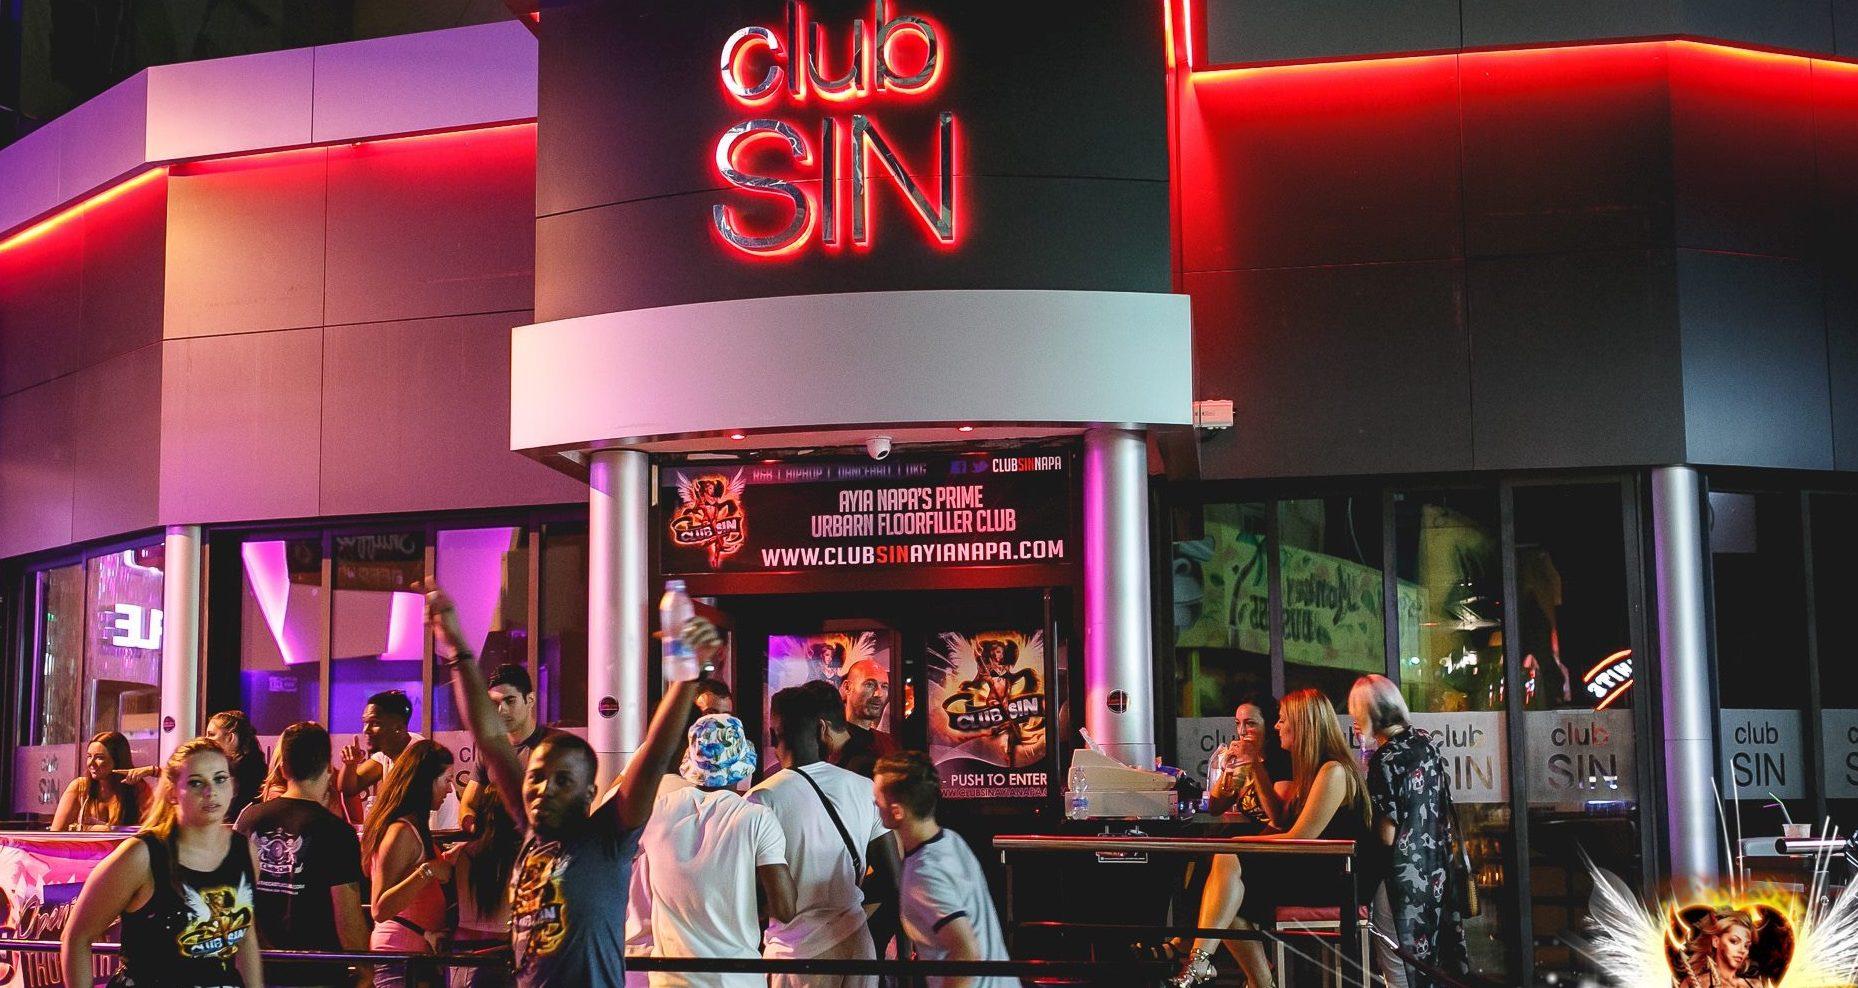 CLUB SIN